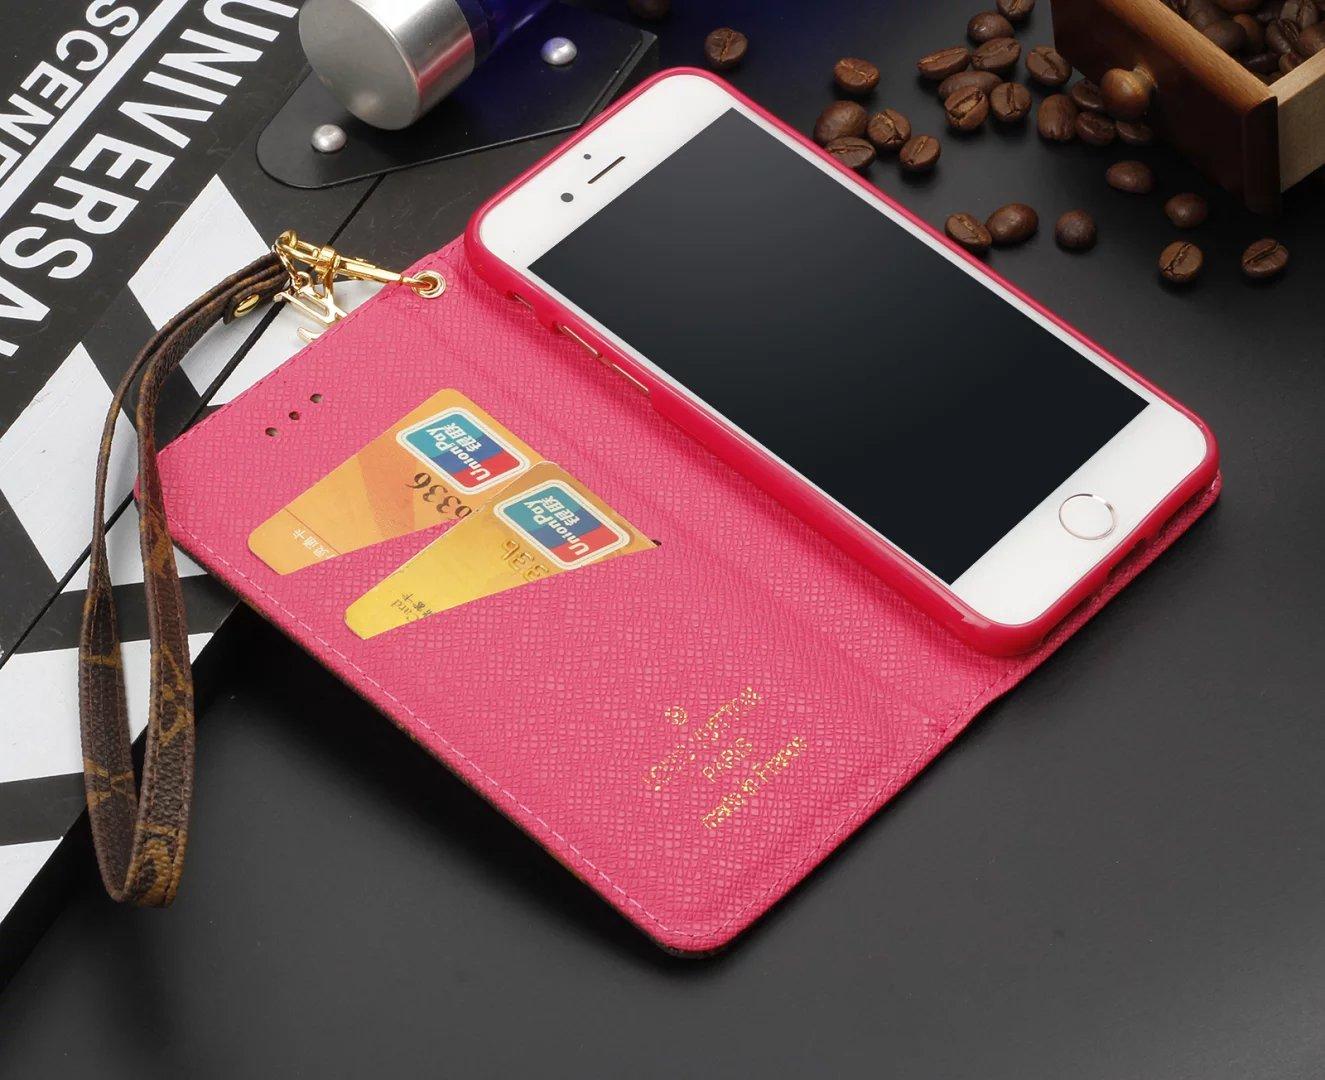 iphone lederhülle günstige iphone hüllen Louis Vuitton iphone 8 hüllen handyschale iphone 8 elbst gestalten iphone 8 hülle rosa iphone 8 vorgestellt stylische handyhüllen iphone 8 display größe handyschale mit foto